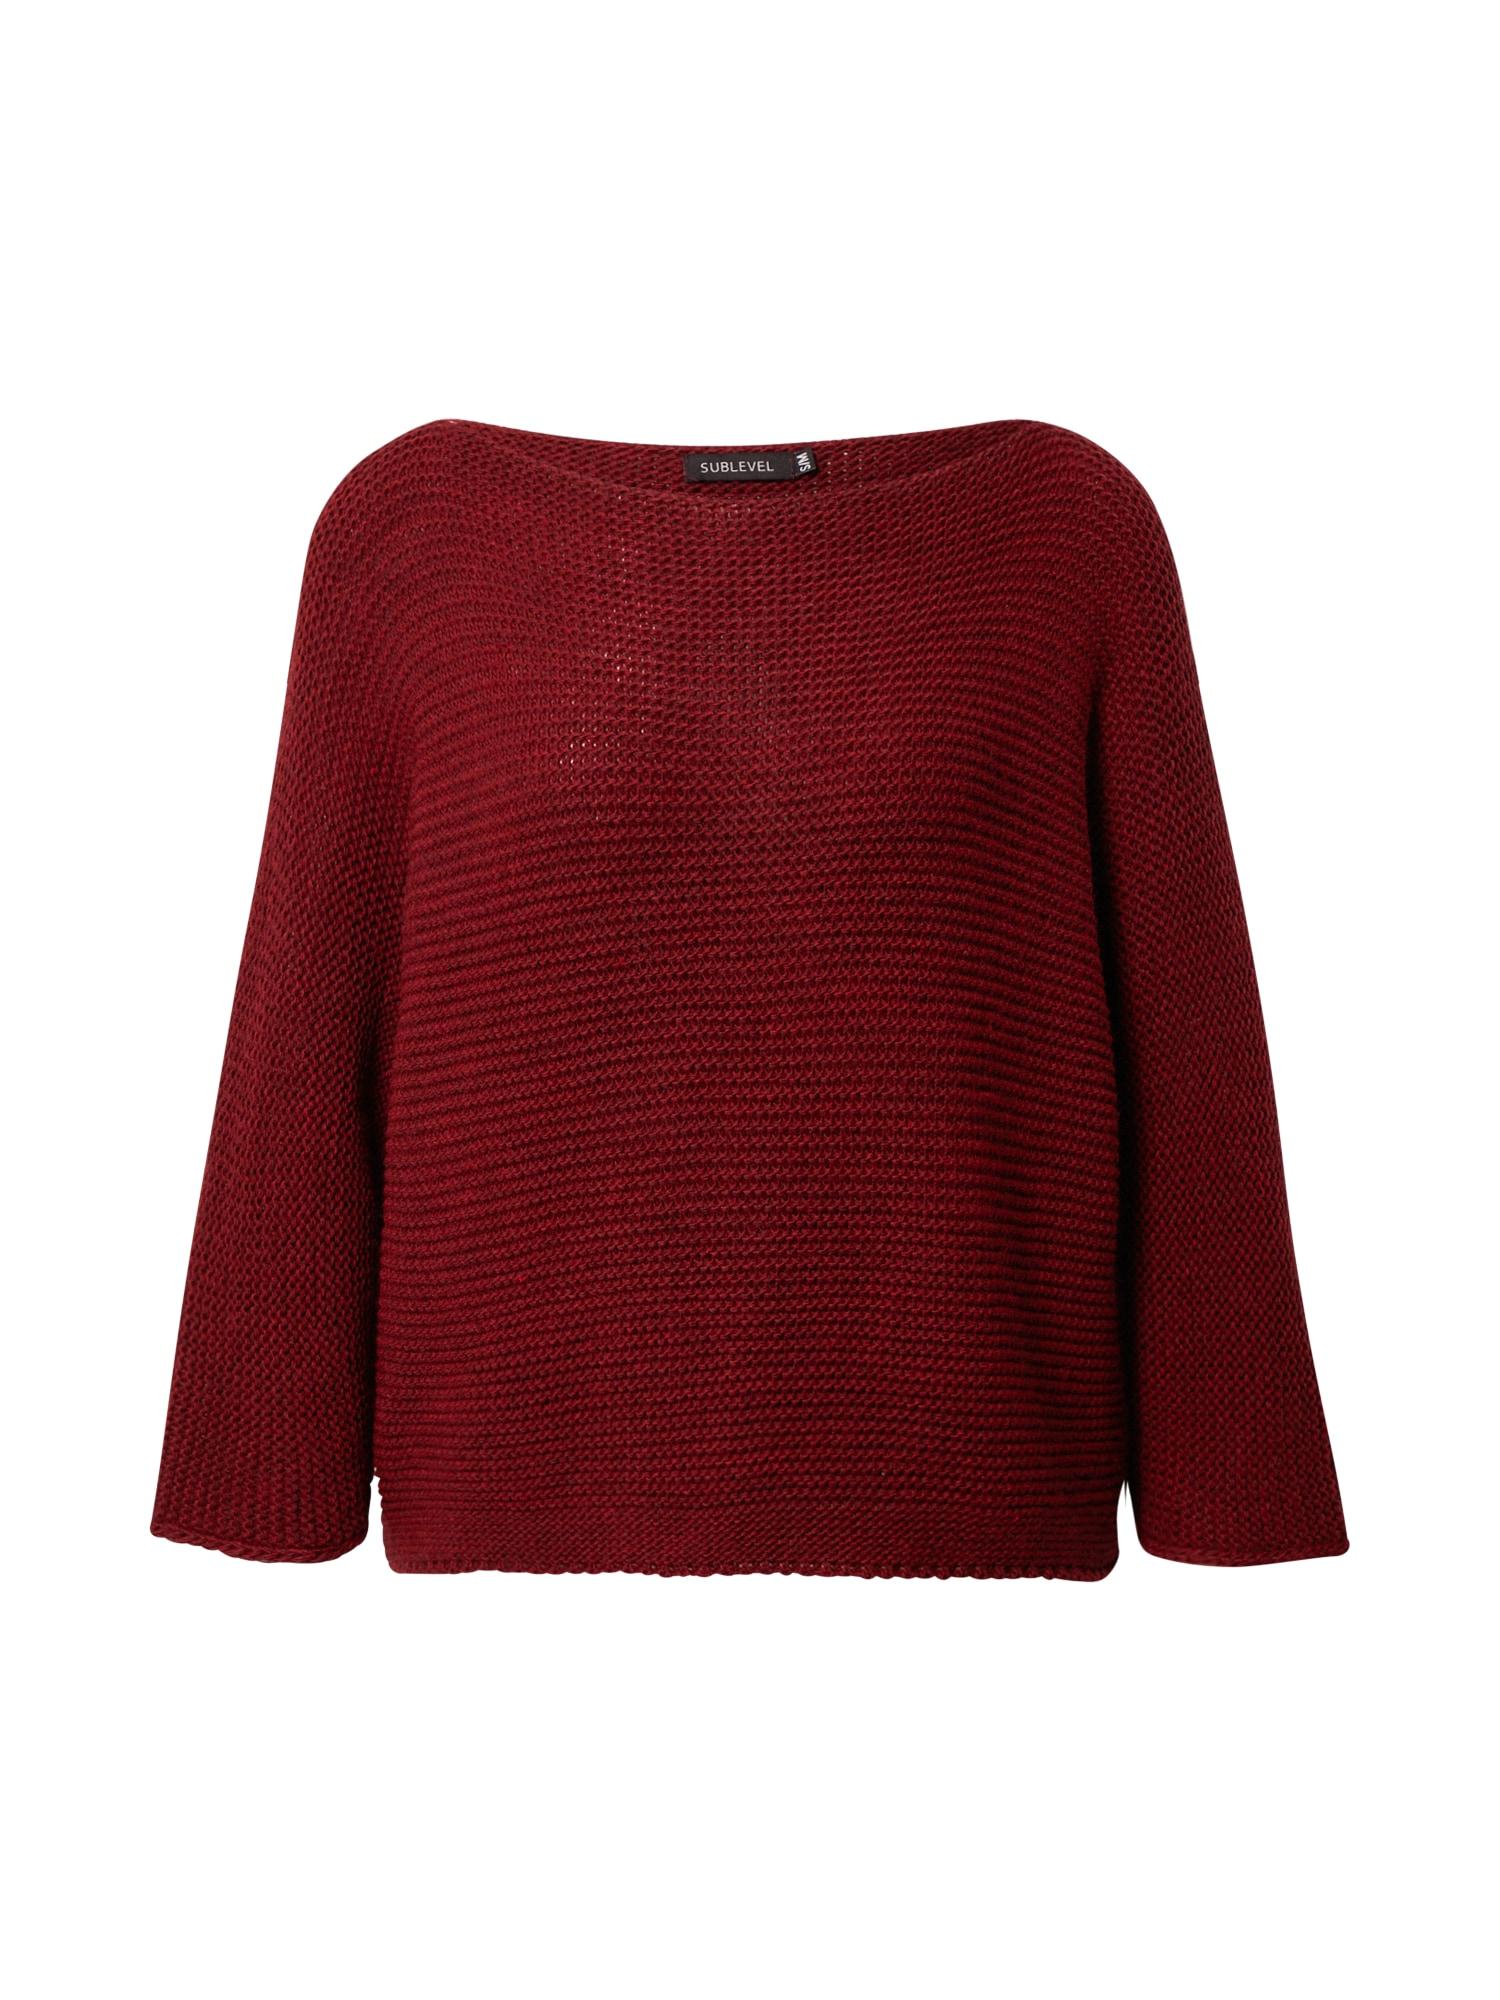 Sublevel Megztinis tamsiai raudona